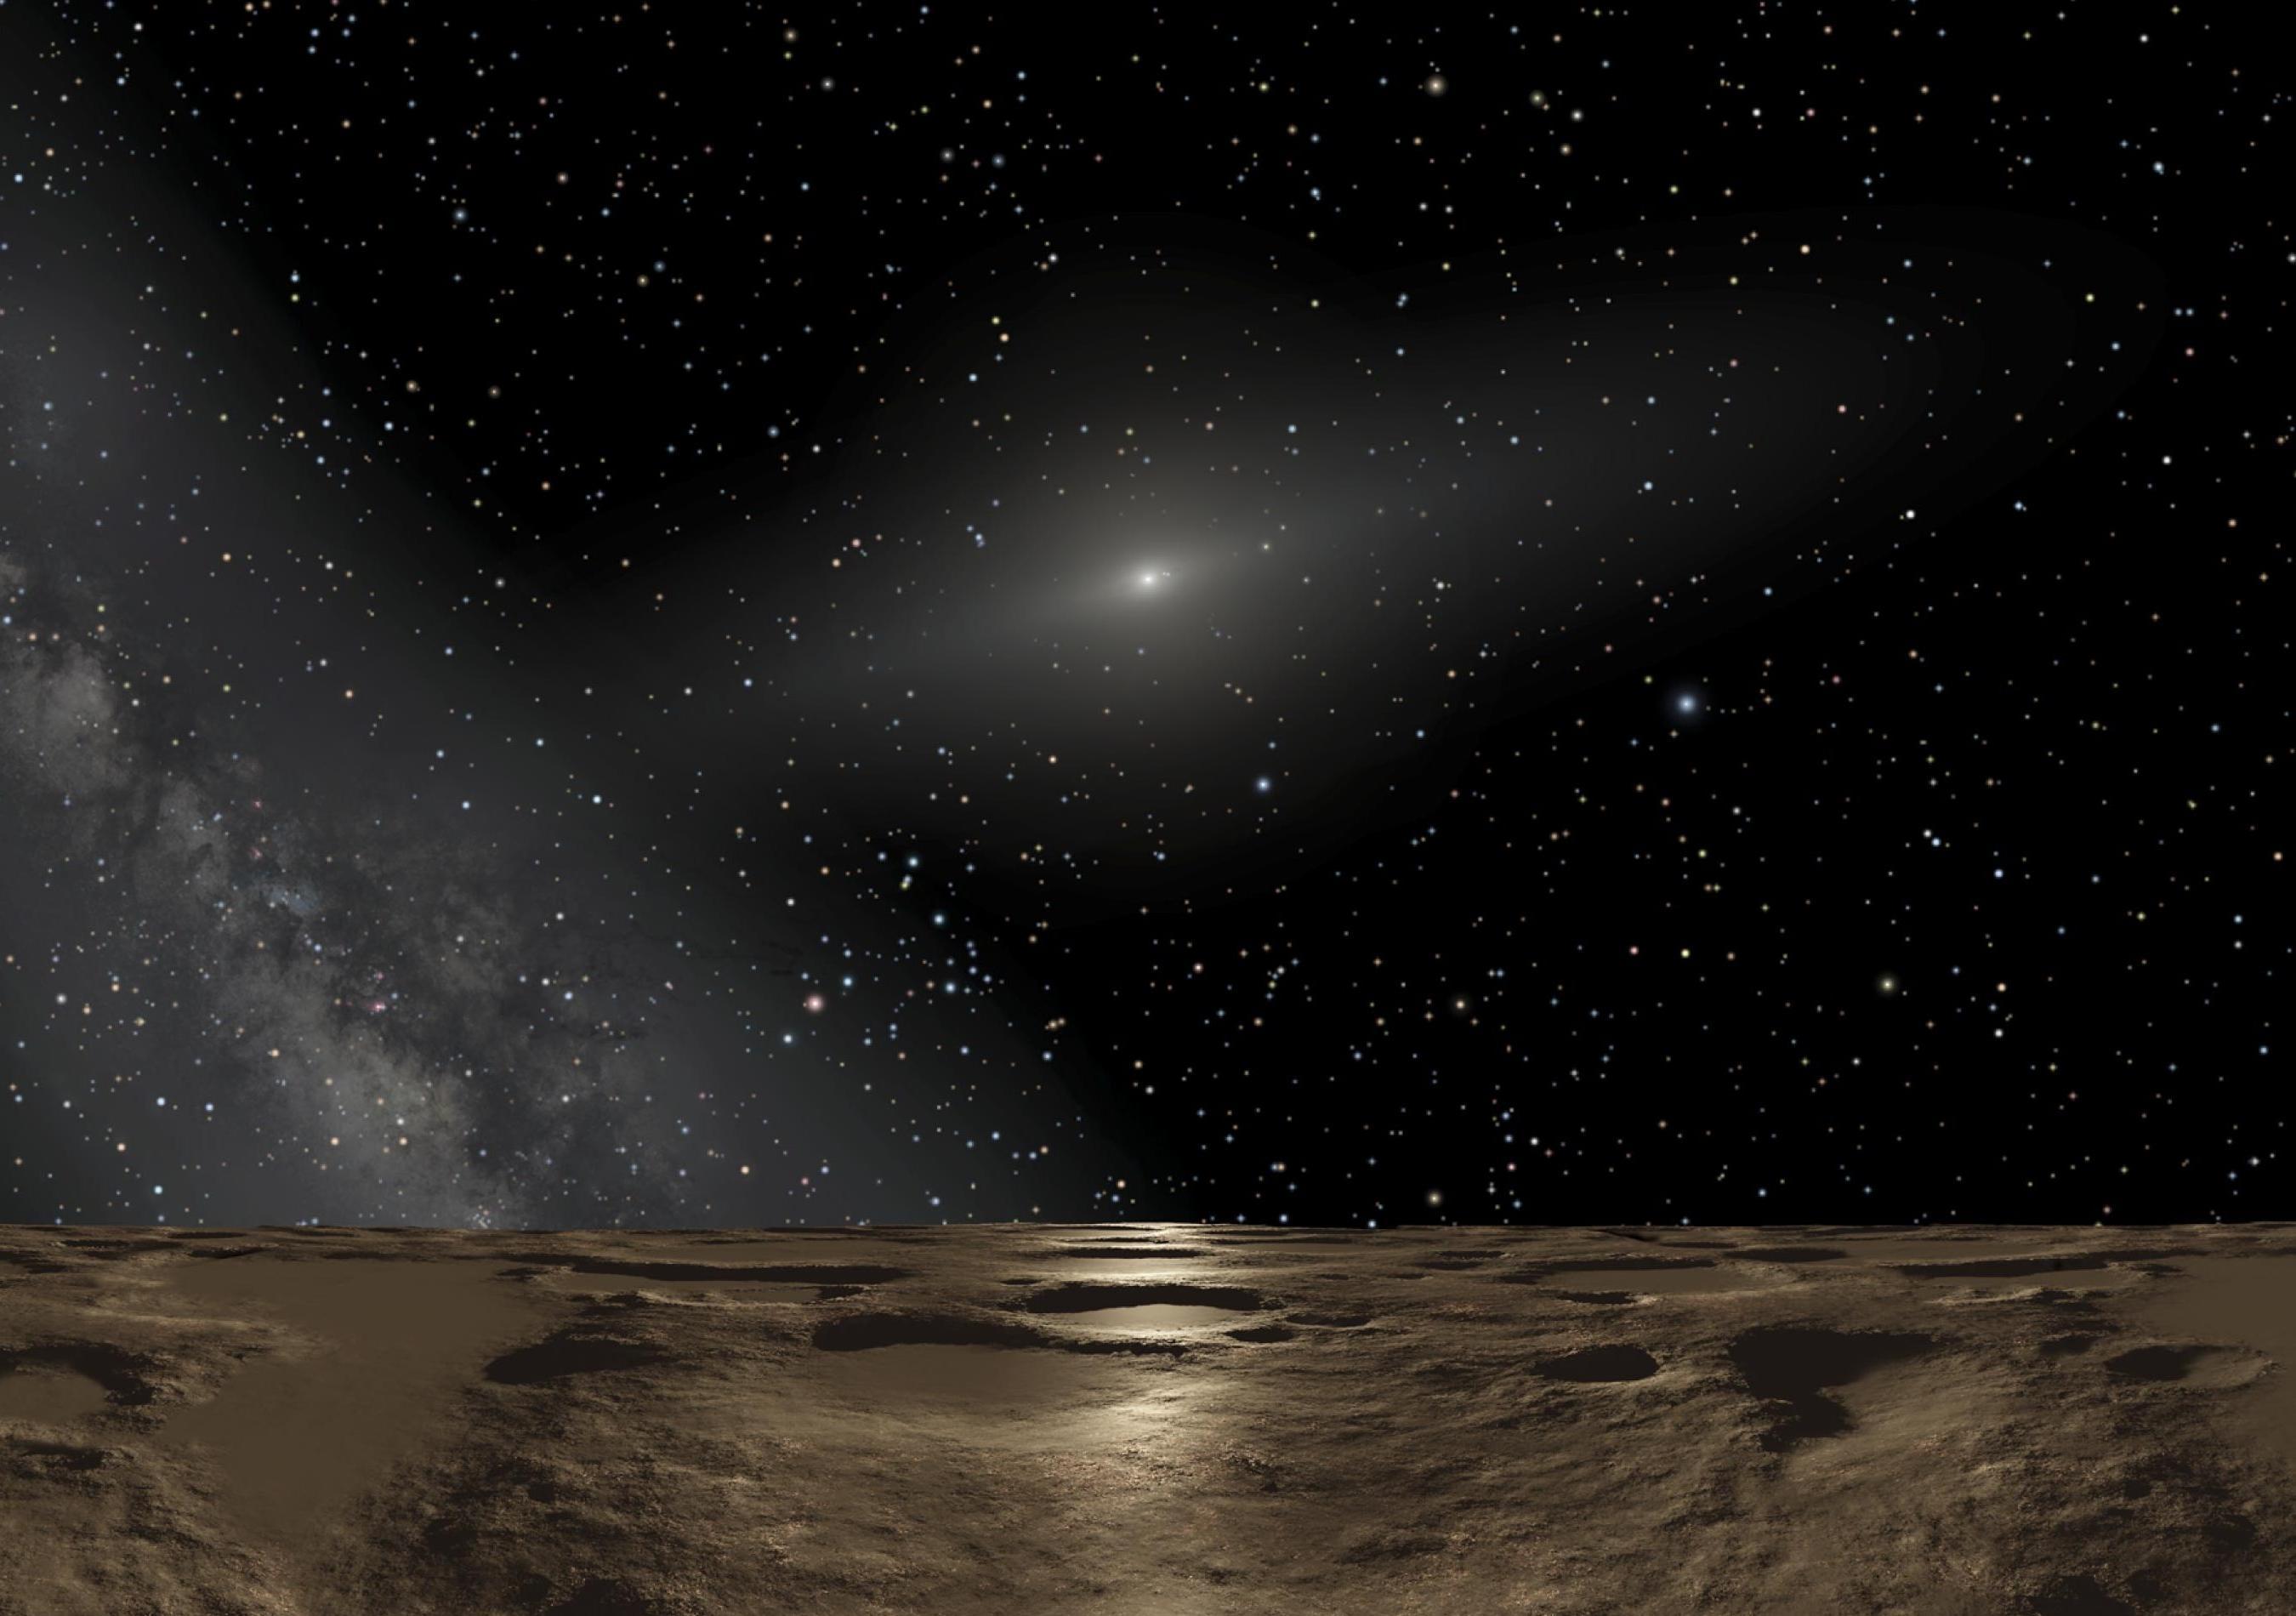 «Вояджер» снова не покинул Солнечную систему — и СМИ снова об этом не узнали